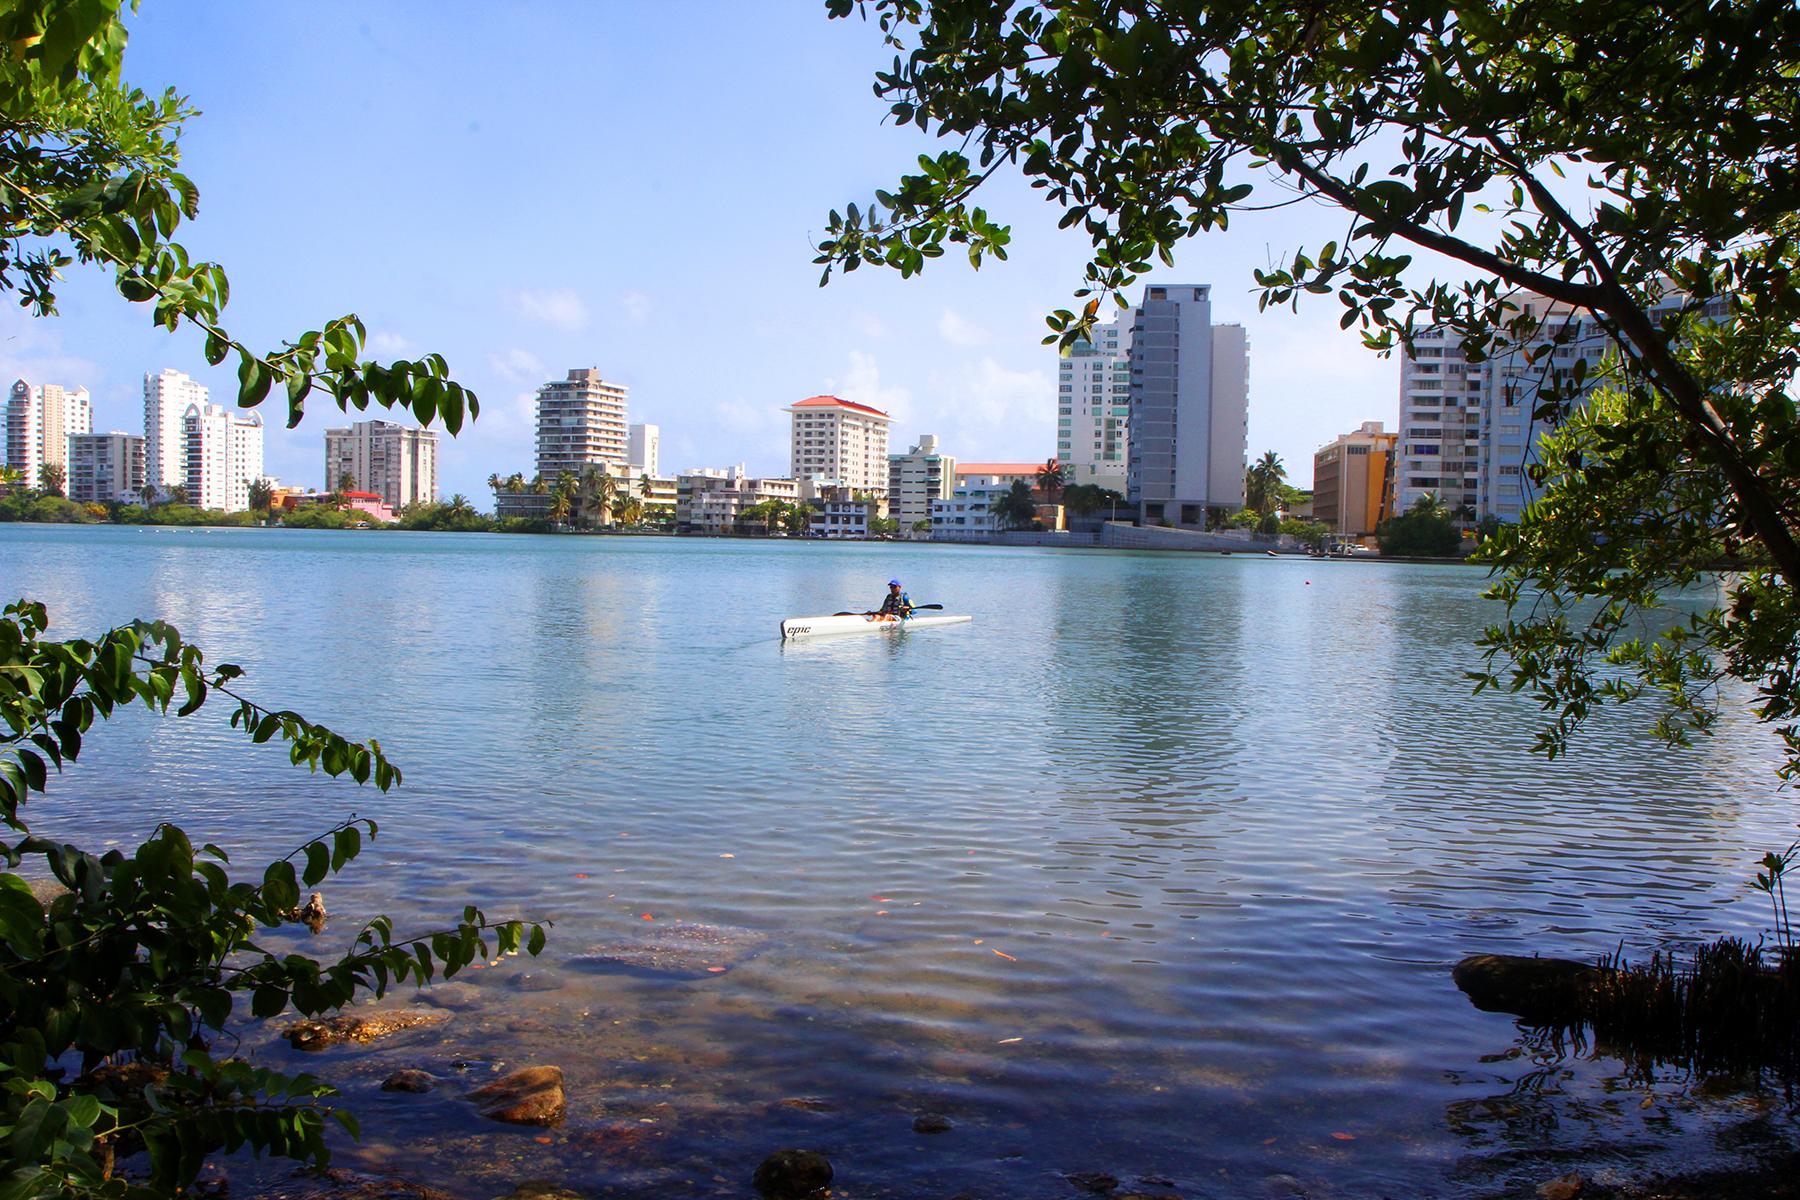 condado-lagoon